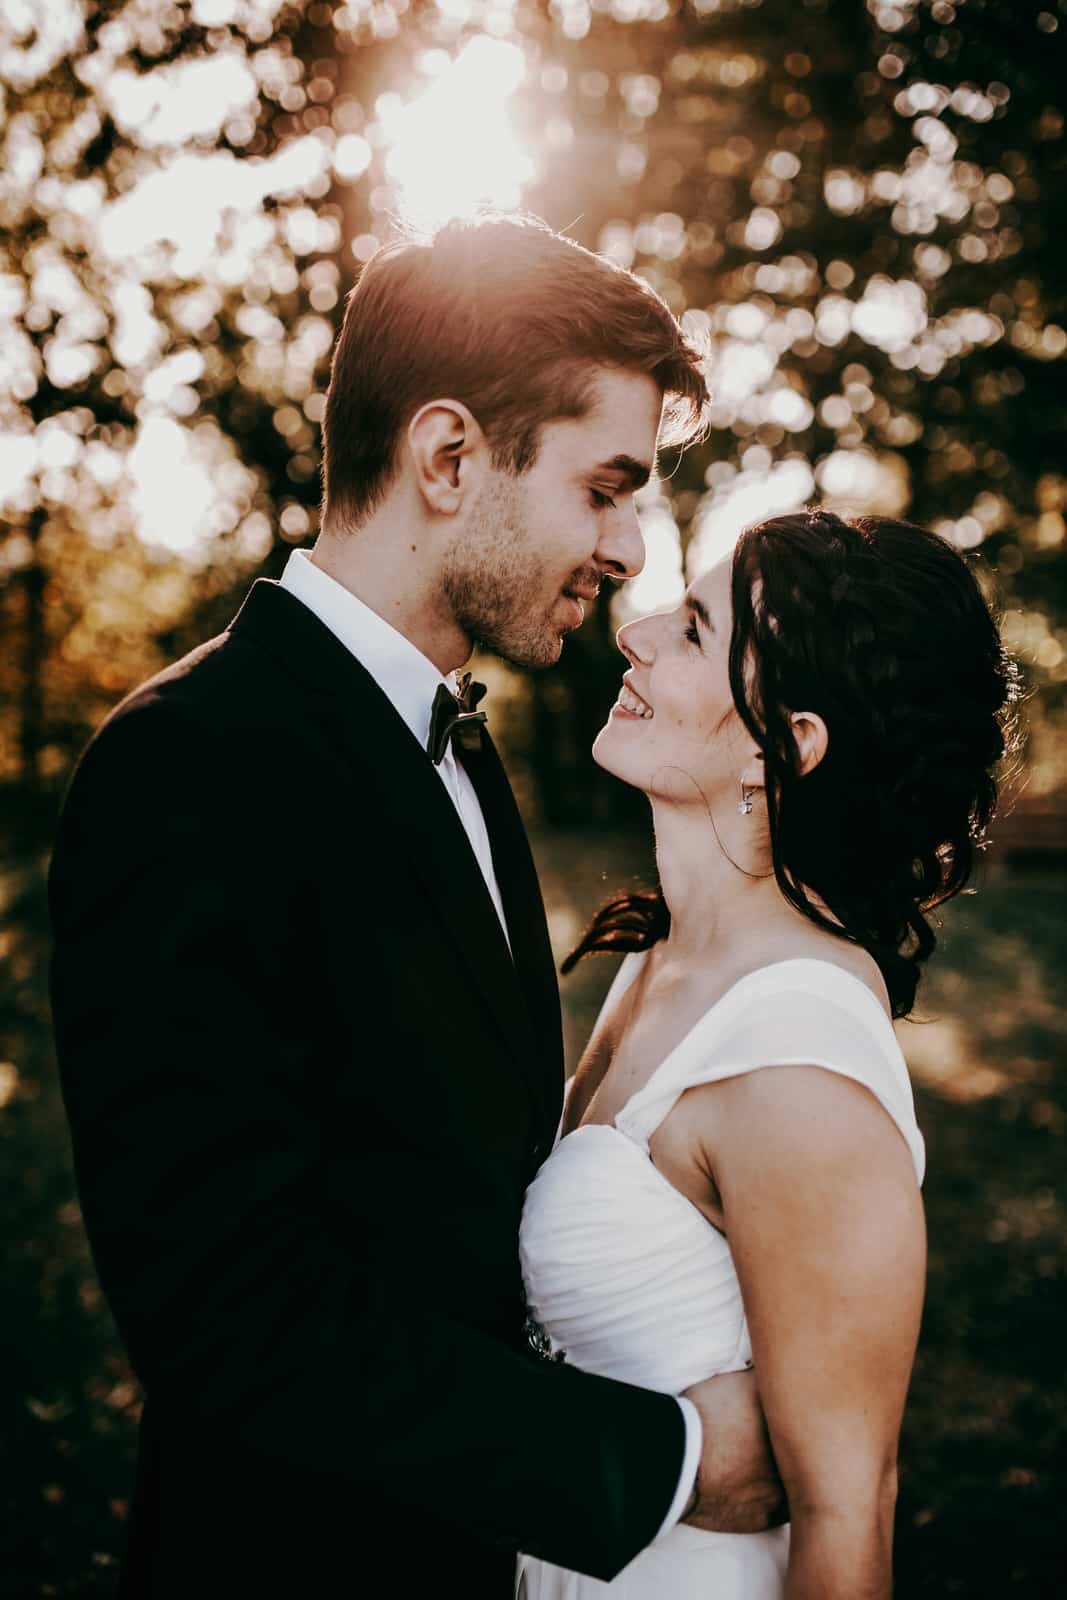 Als Hochzeitsfotografen lieben wir warmes natürliches Licht. SO wie hier auf diesem Bild. Es sind nur die Köpfe und ein Teil des Oberkörpers des Brautpaares zu sehen. Braut und Bräutigam sehen sich verliebt an.